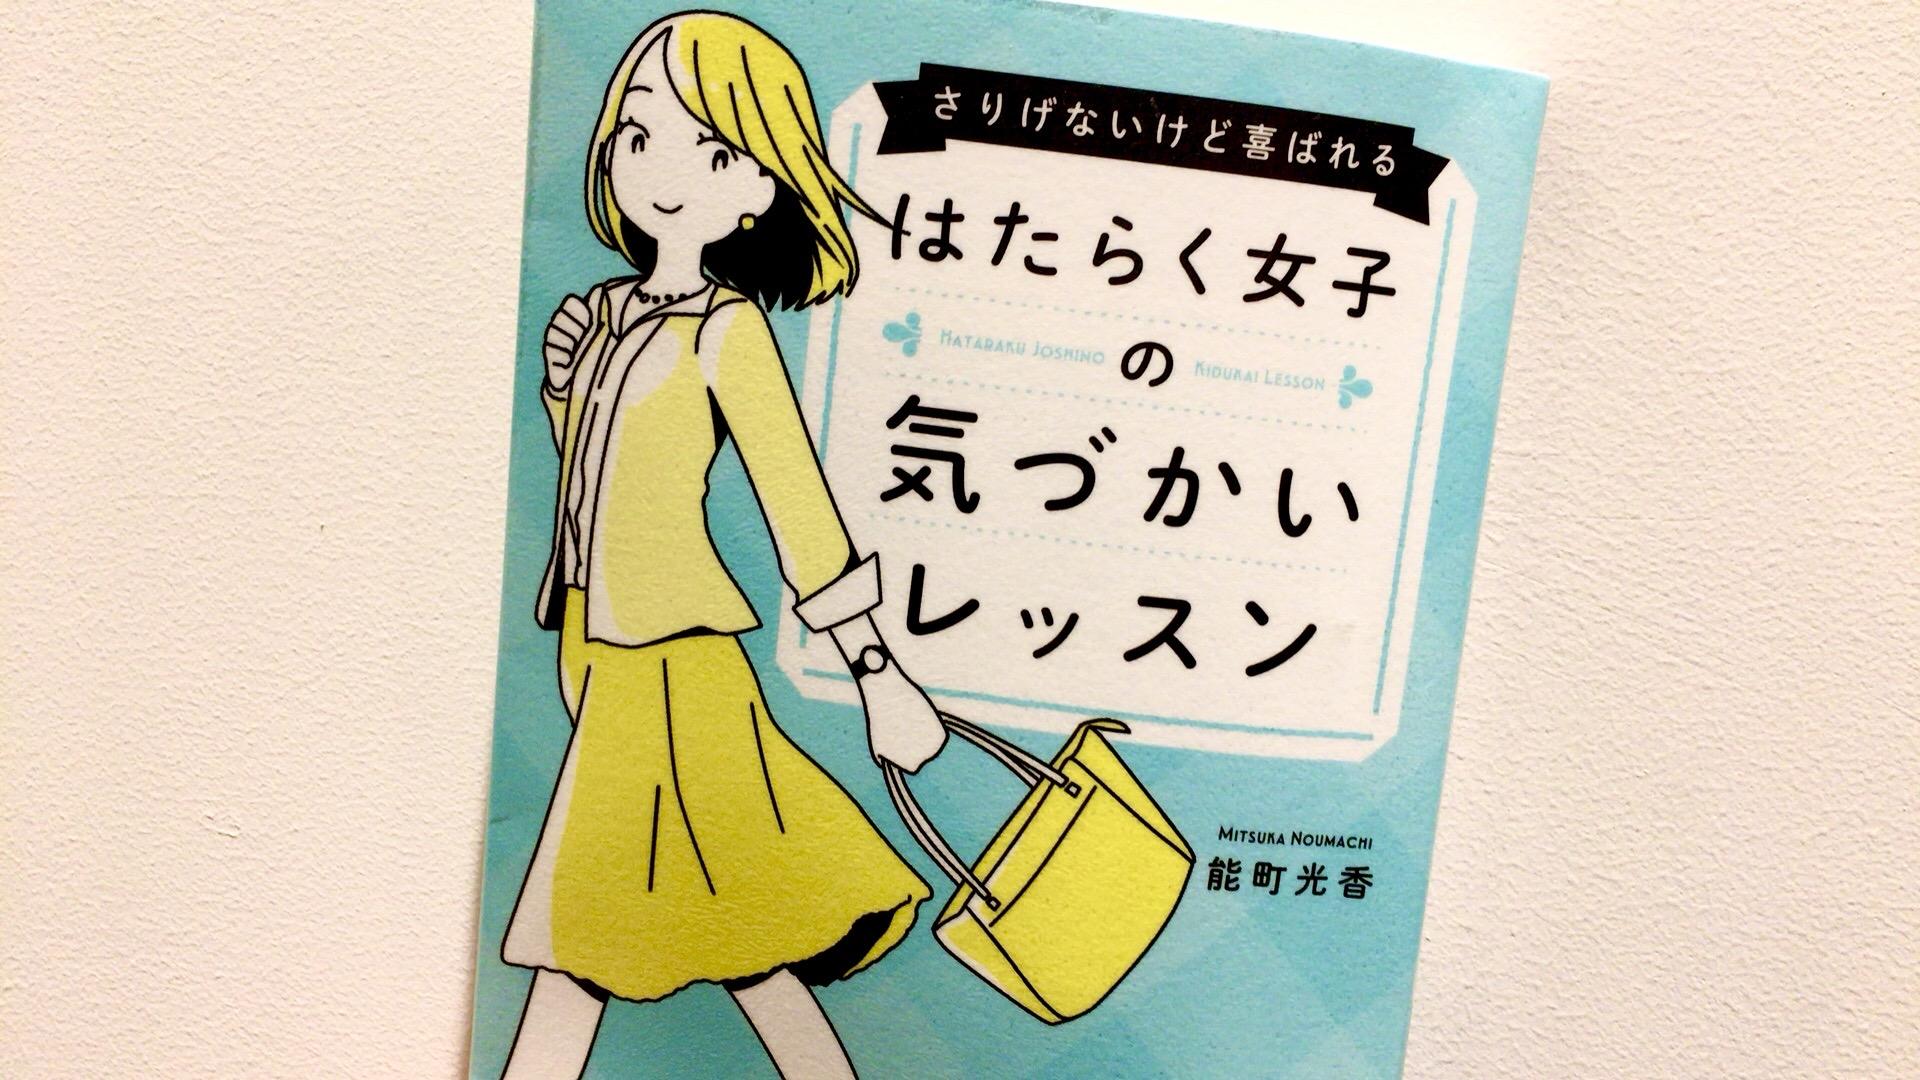 さりげない気づかいが身につくおすすめの本!「はたらく女子の気づかいレッスン」